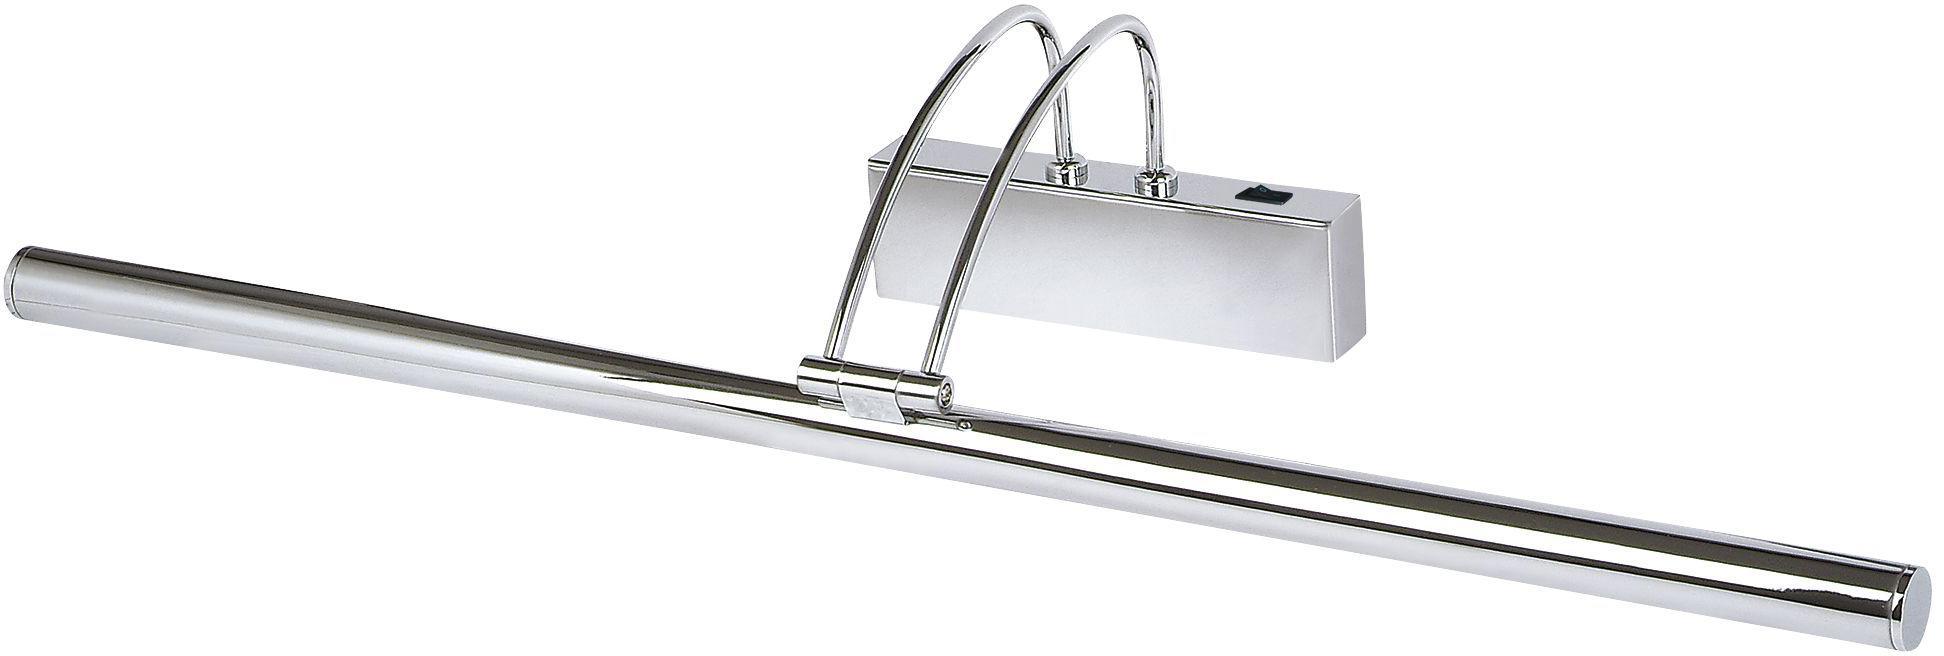 LED Bilderleuchte Picture, Stahl, verchromt, Chrom, 68 x 12 cm